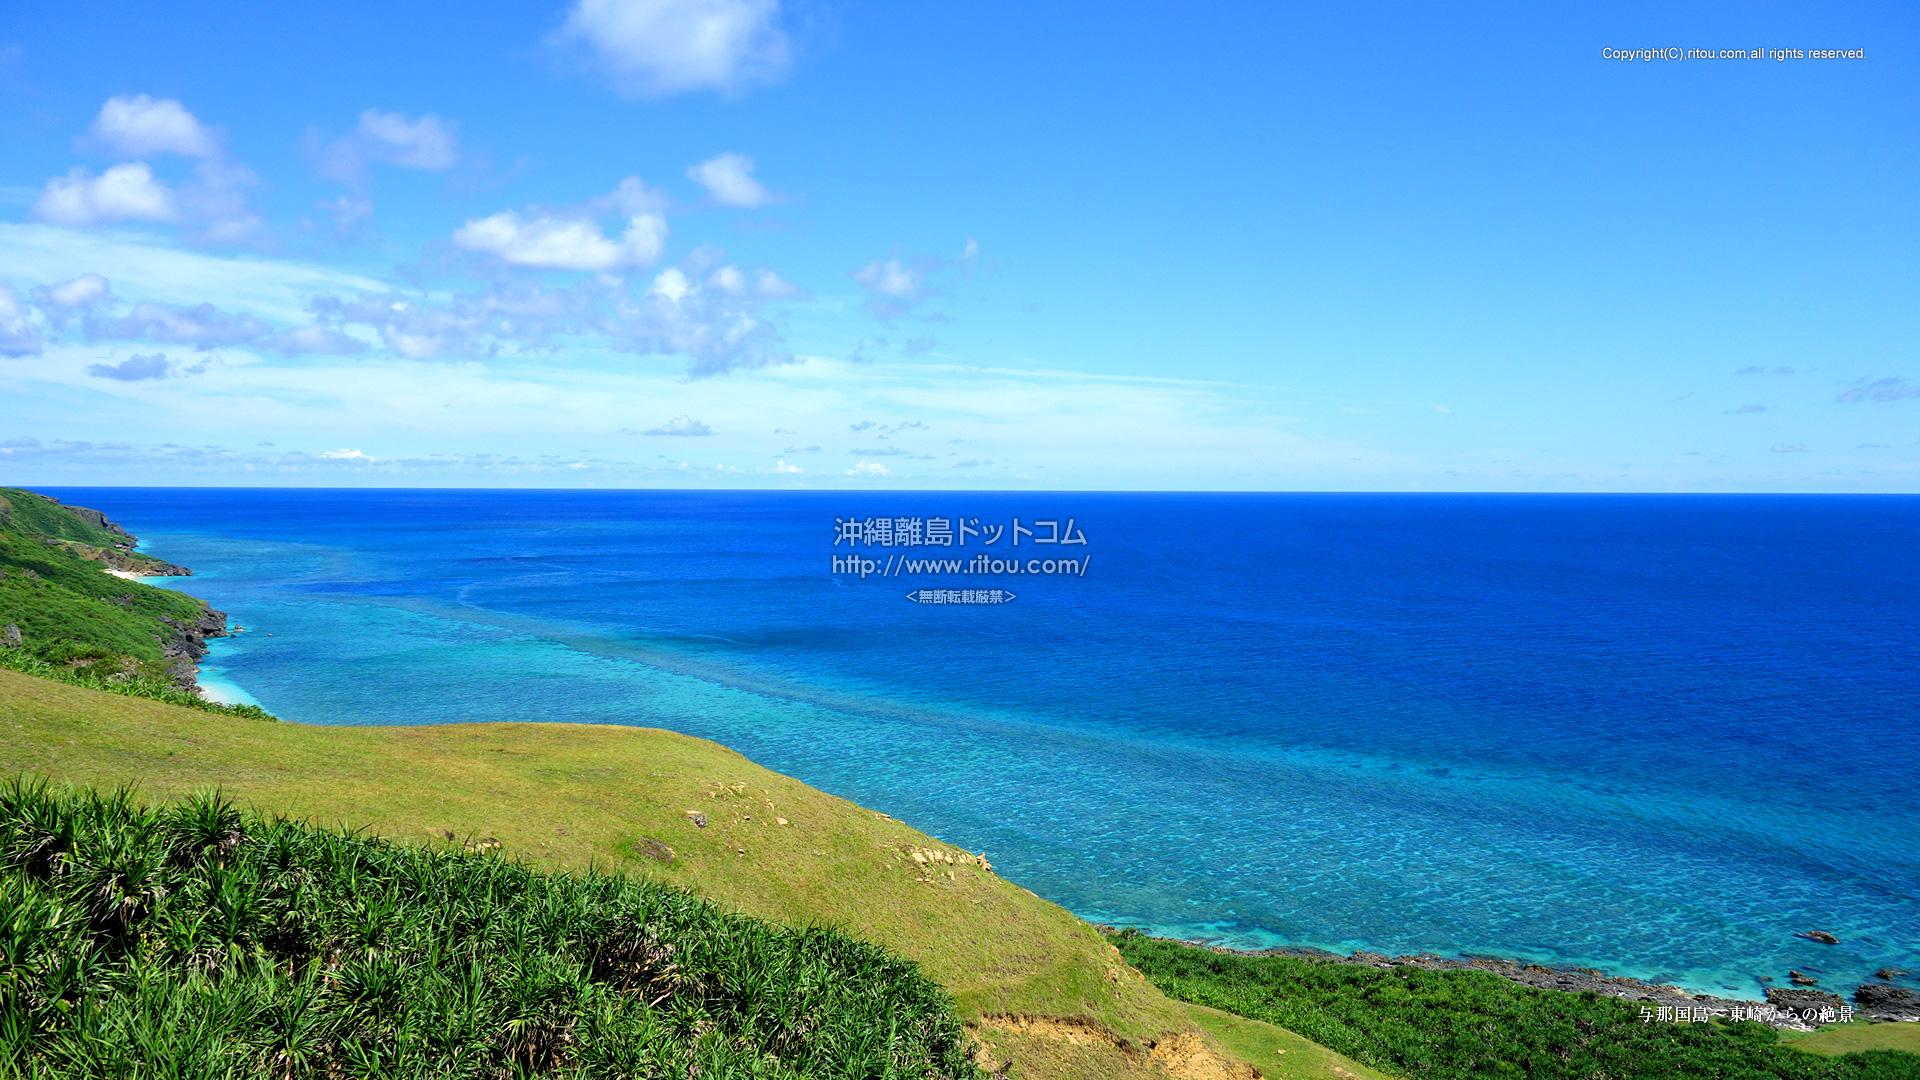 与那国島〜東崎からの絶景